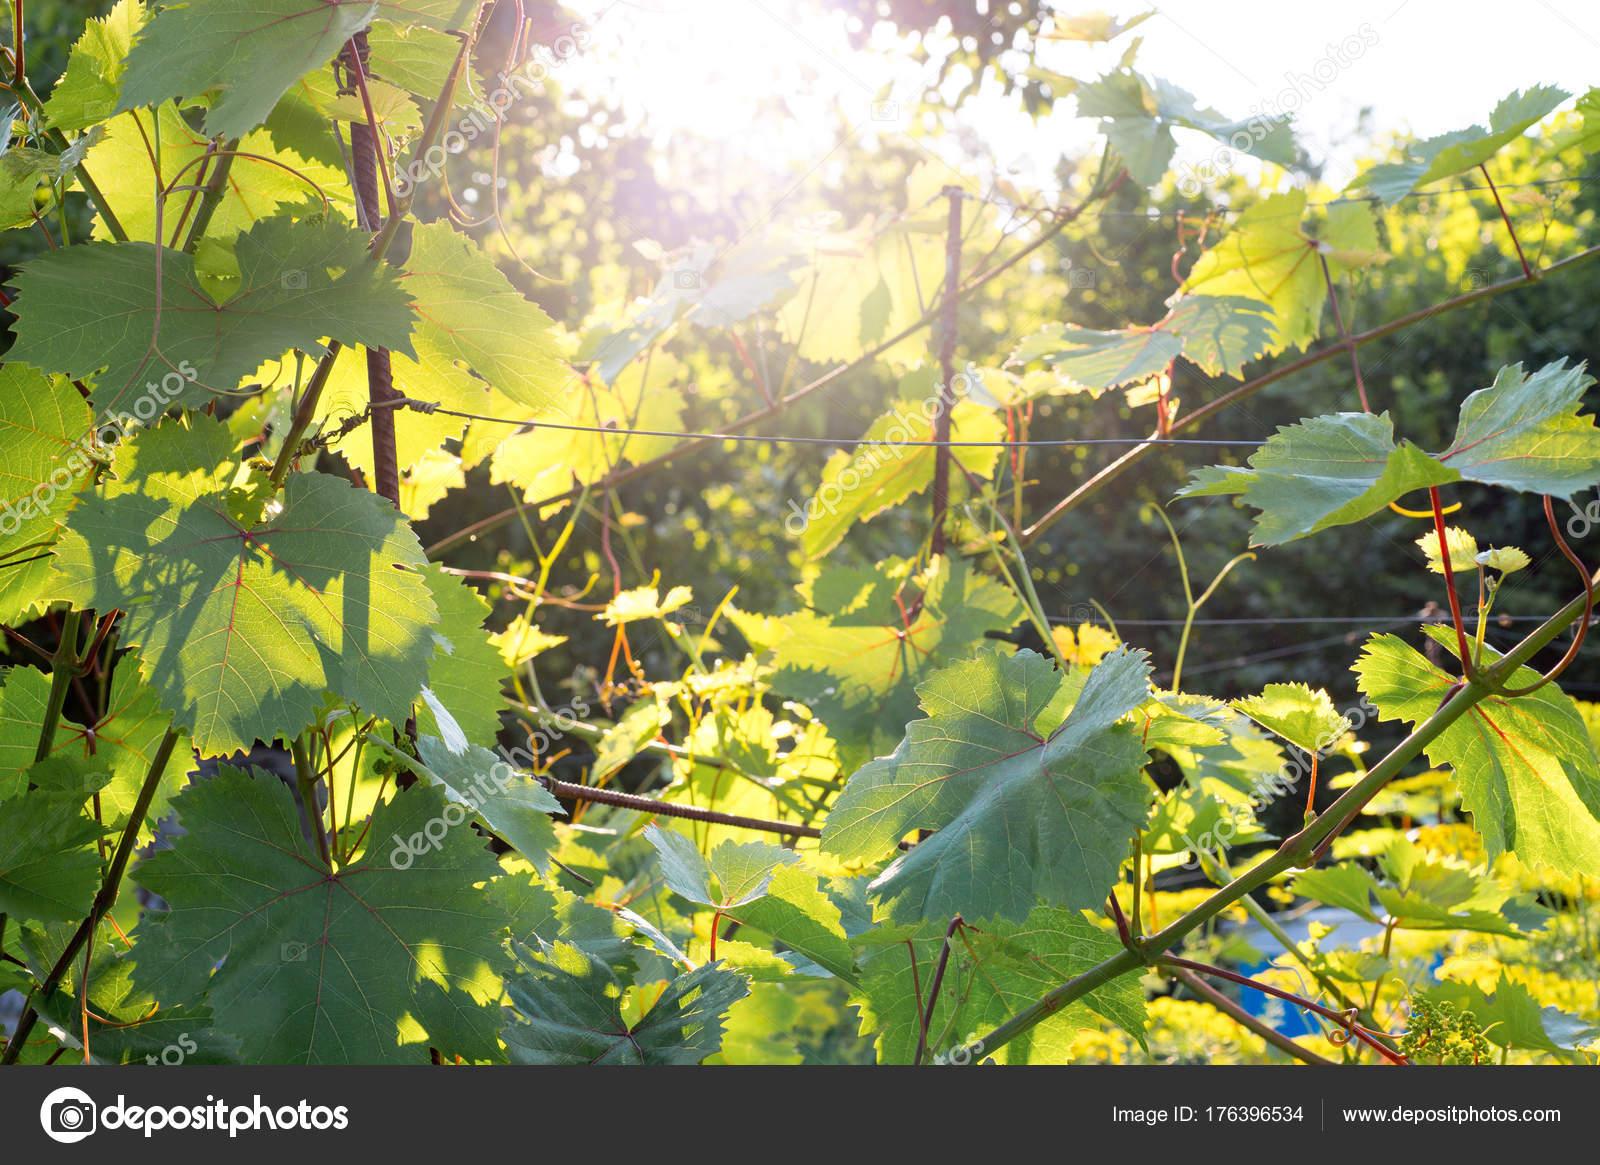 Junge Pflanze Der Traube Mit Schönen Großen Blätter Wachsen Garten